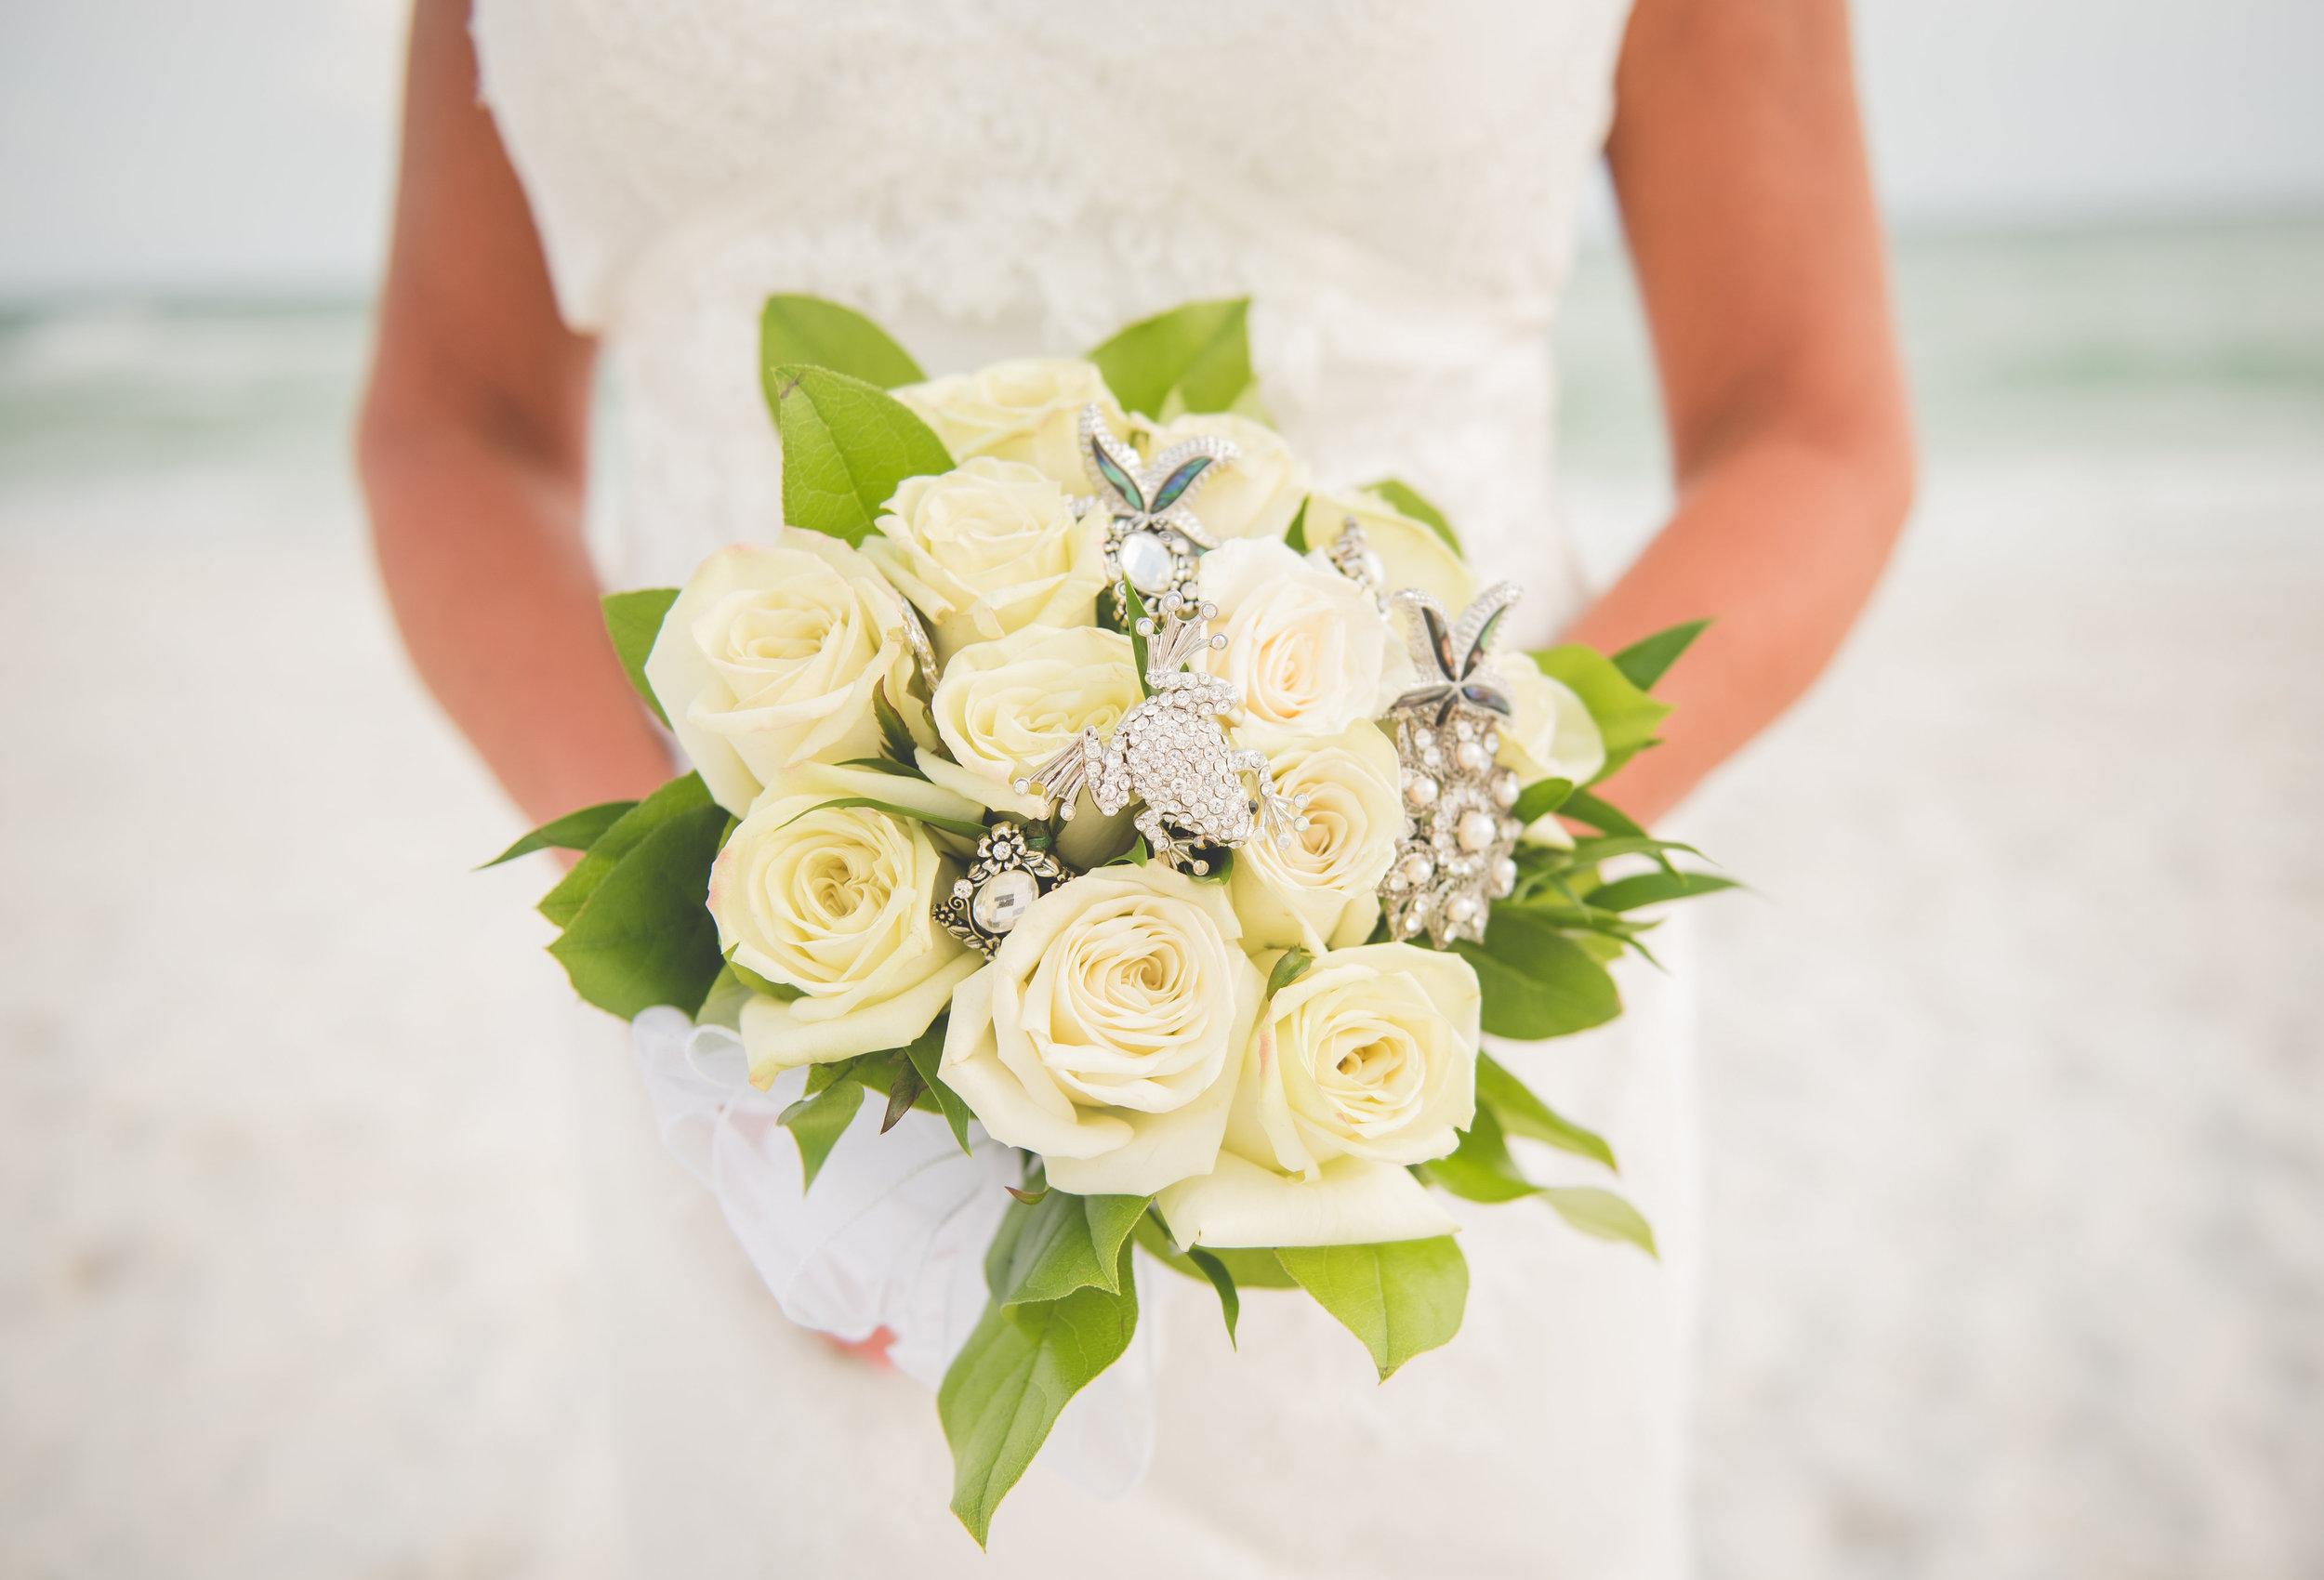 West Wedding 9 3 16-West Wedding 9 3 16-0422.jpg